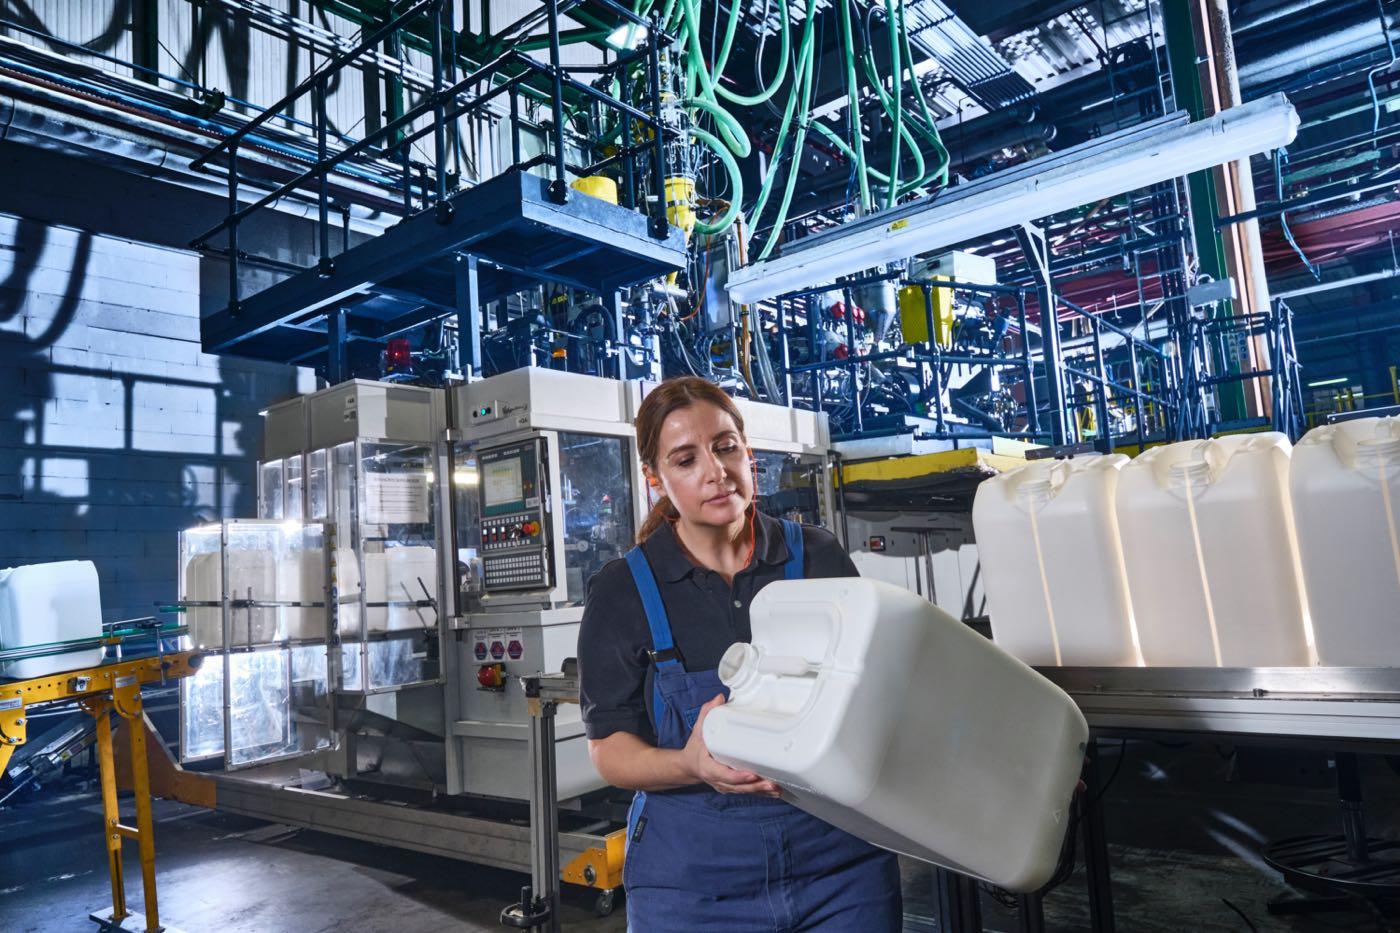 Industriefotografie, Industriefotograf, Köln, Aachen, Bonn, Düsseldorf, Kunststoff-Industrie, Blasformmaschine, Blasformtechnik, Produktion von Kunststoffteilen